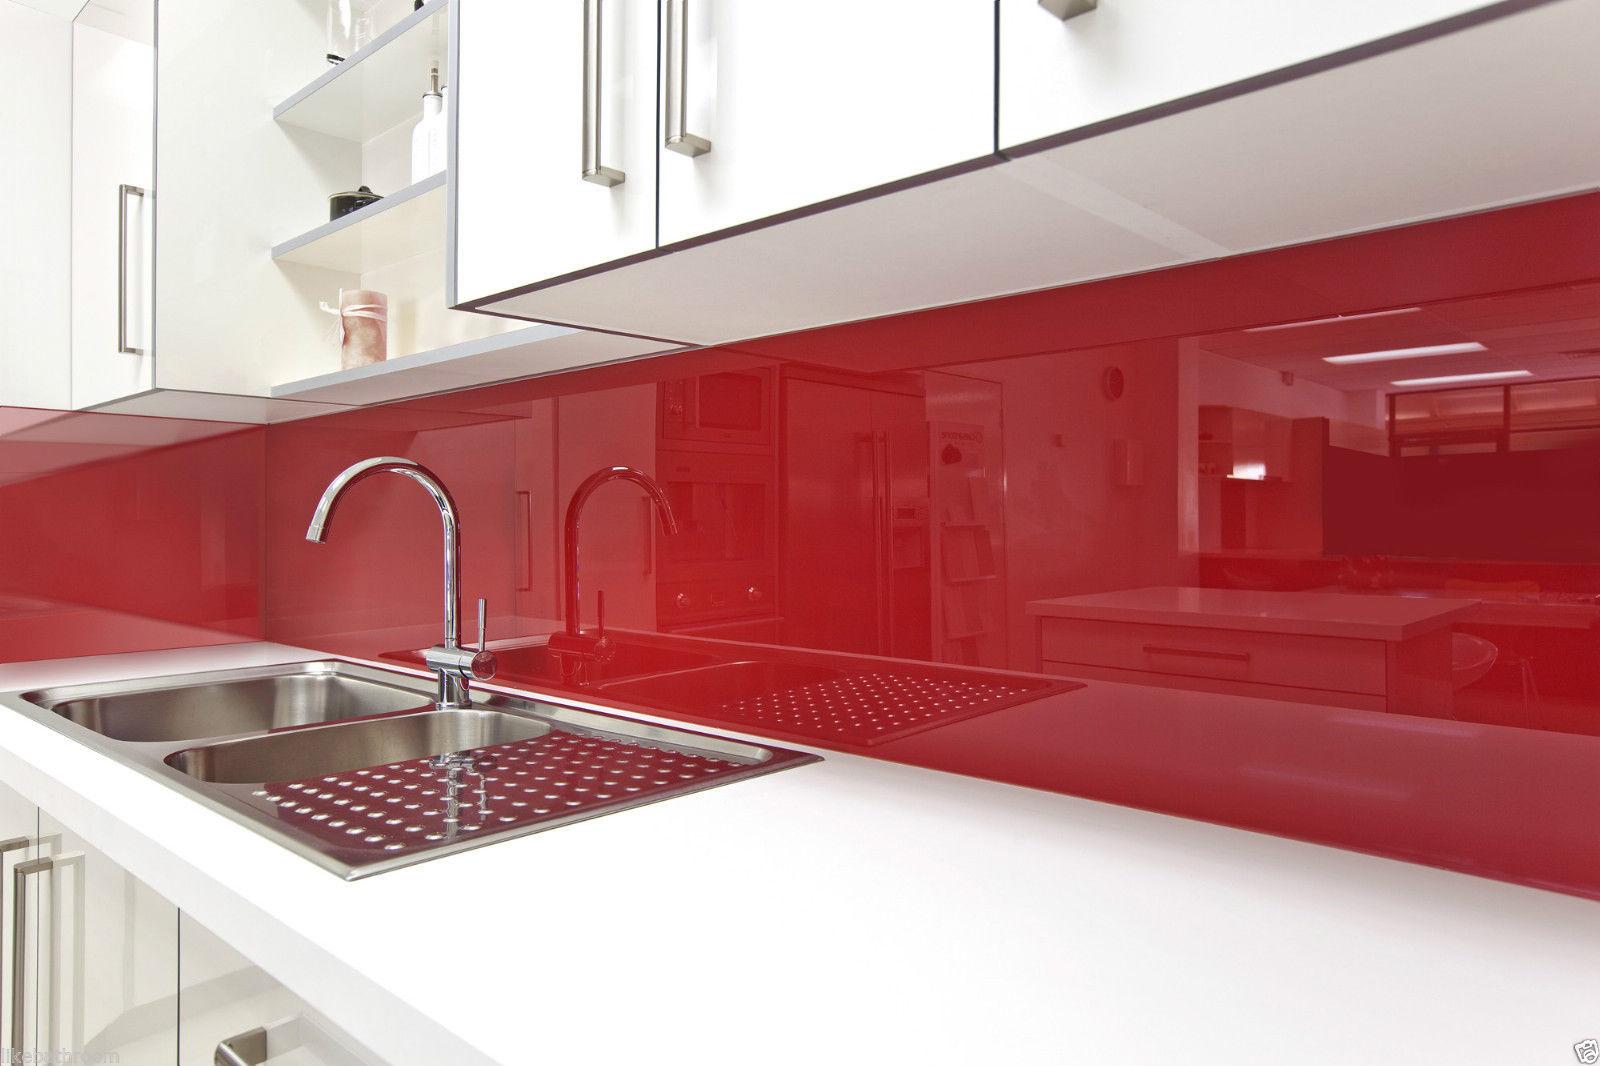 lustrolite-dosseret-cuisine-decorer-idees-solutions-trucs_conseils_comment_decoration_design_interieur_ameublement_quebec_canada